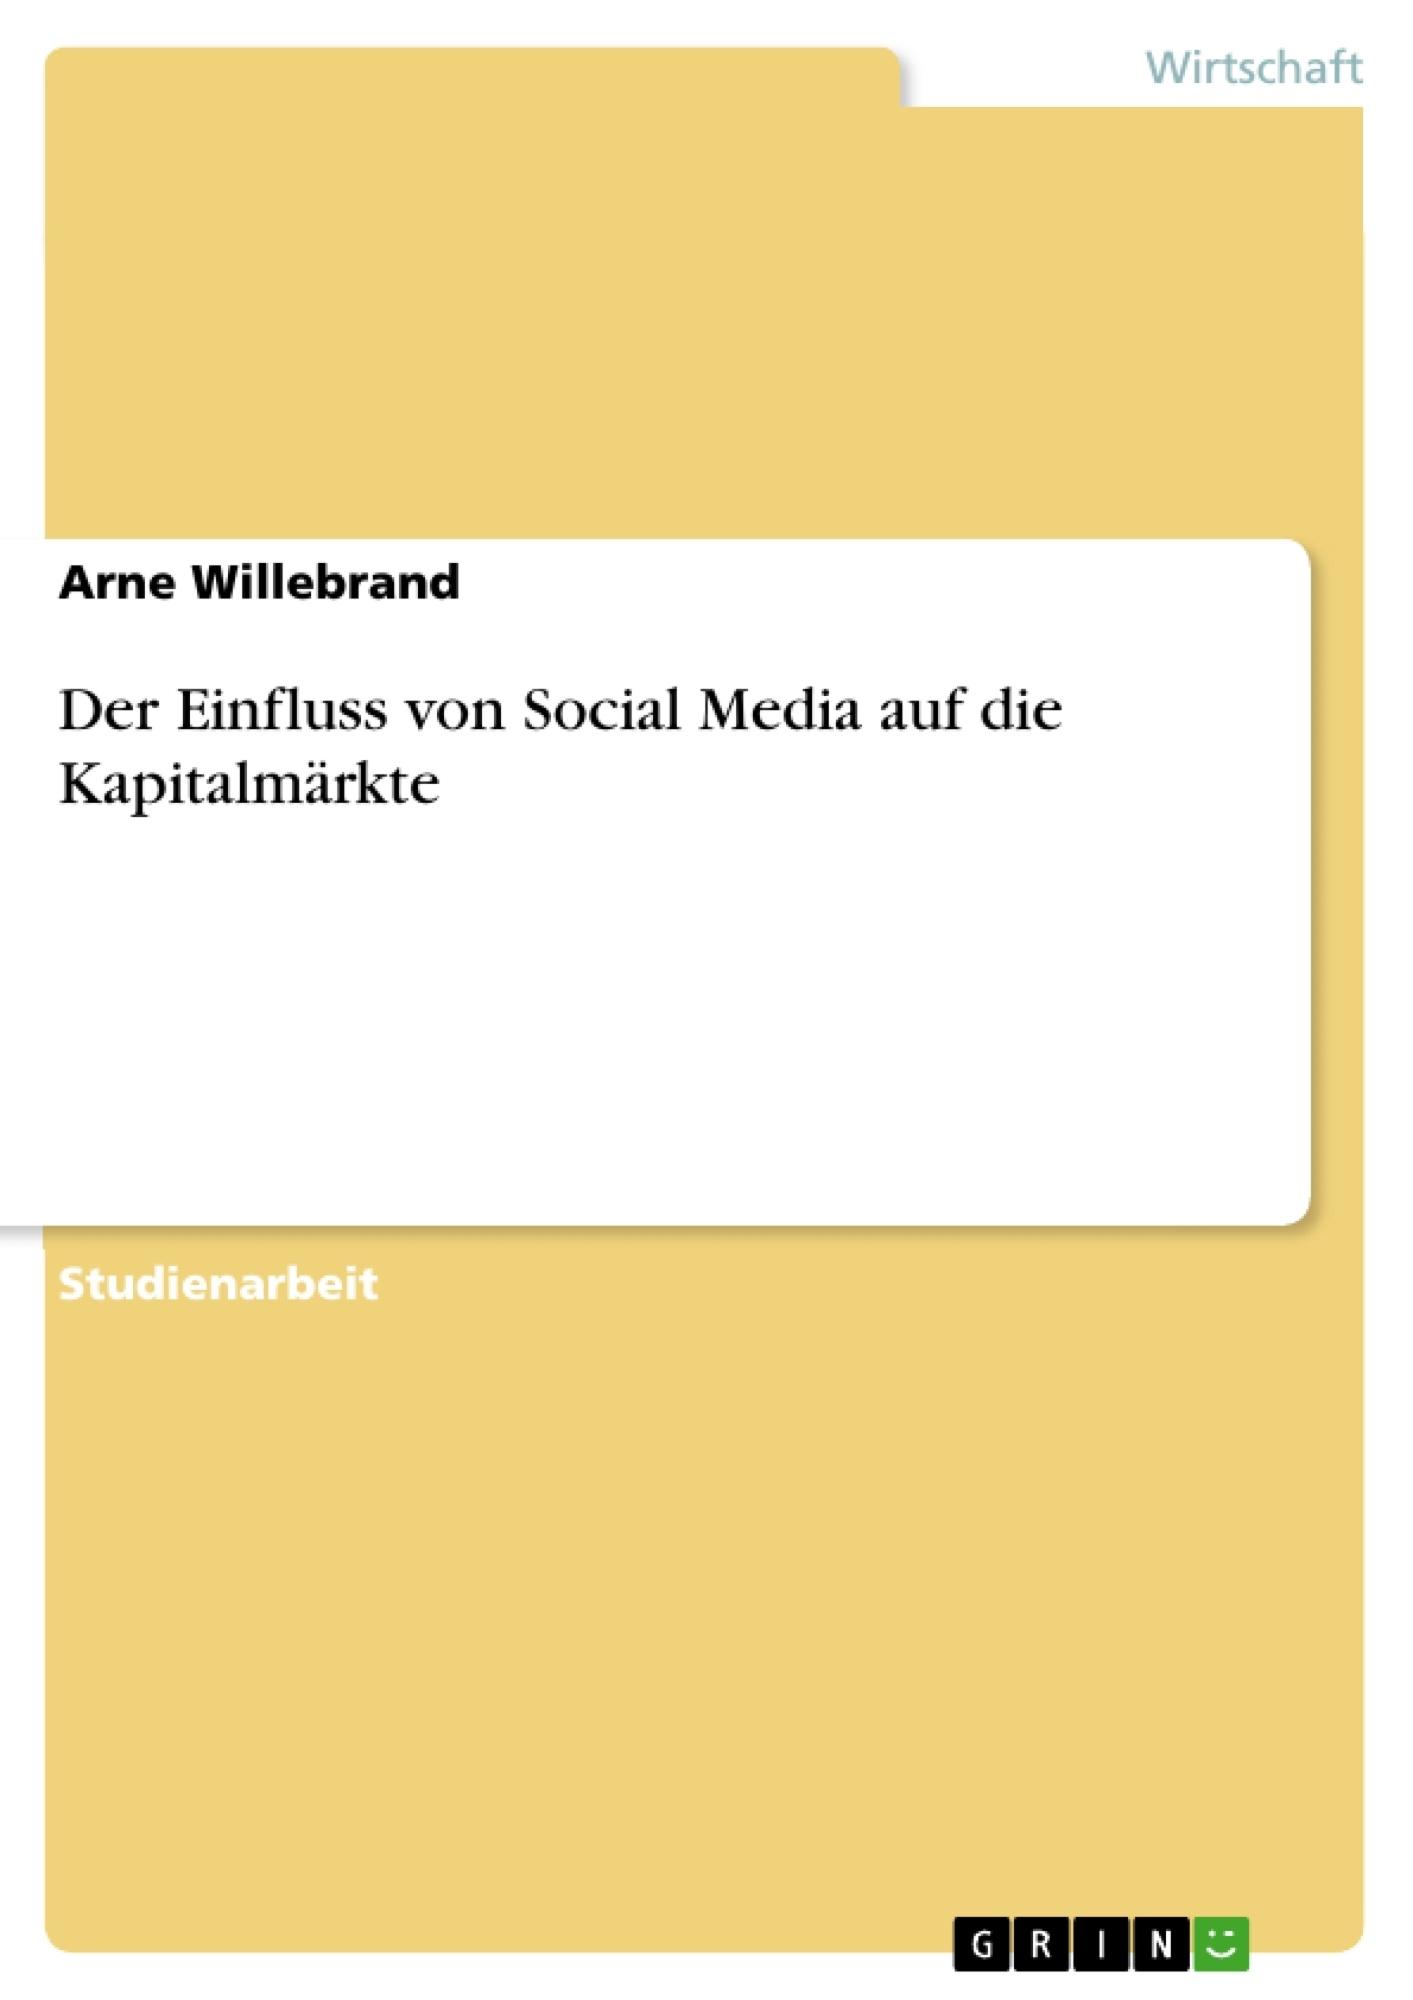 Titel: Der Einfluss von Social Media auf die Kapitalmärkte